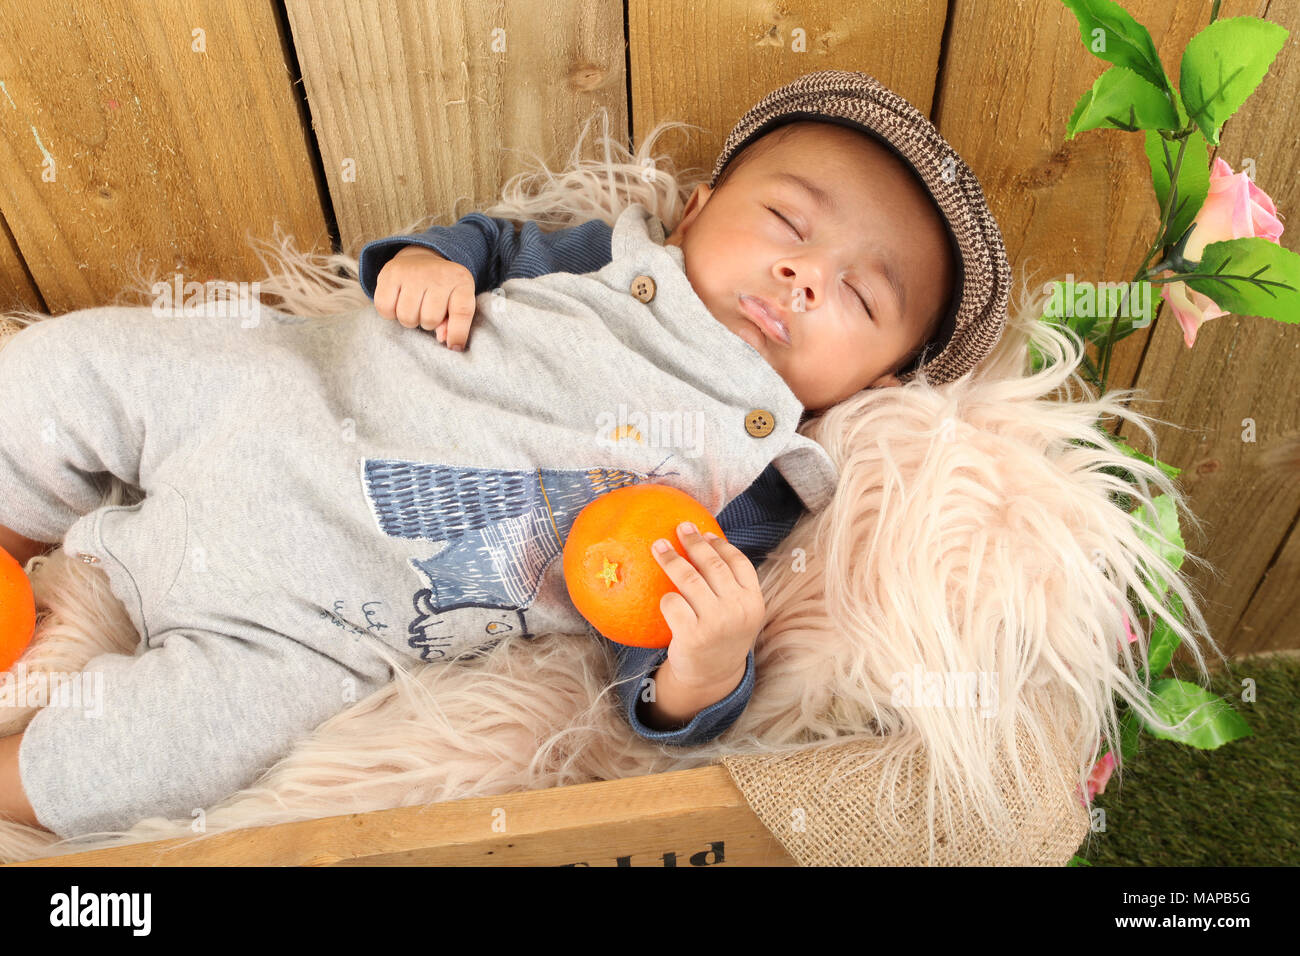 10 week old ethnic baby boy sleeping in fruit box - Stock Image